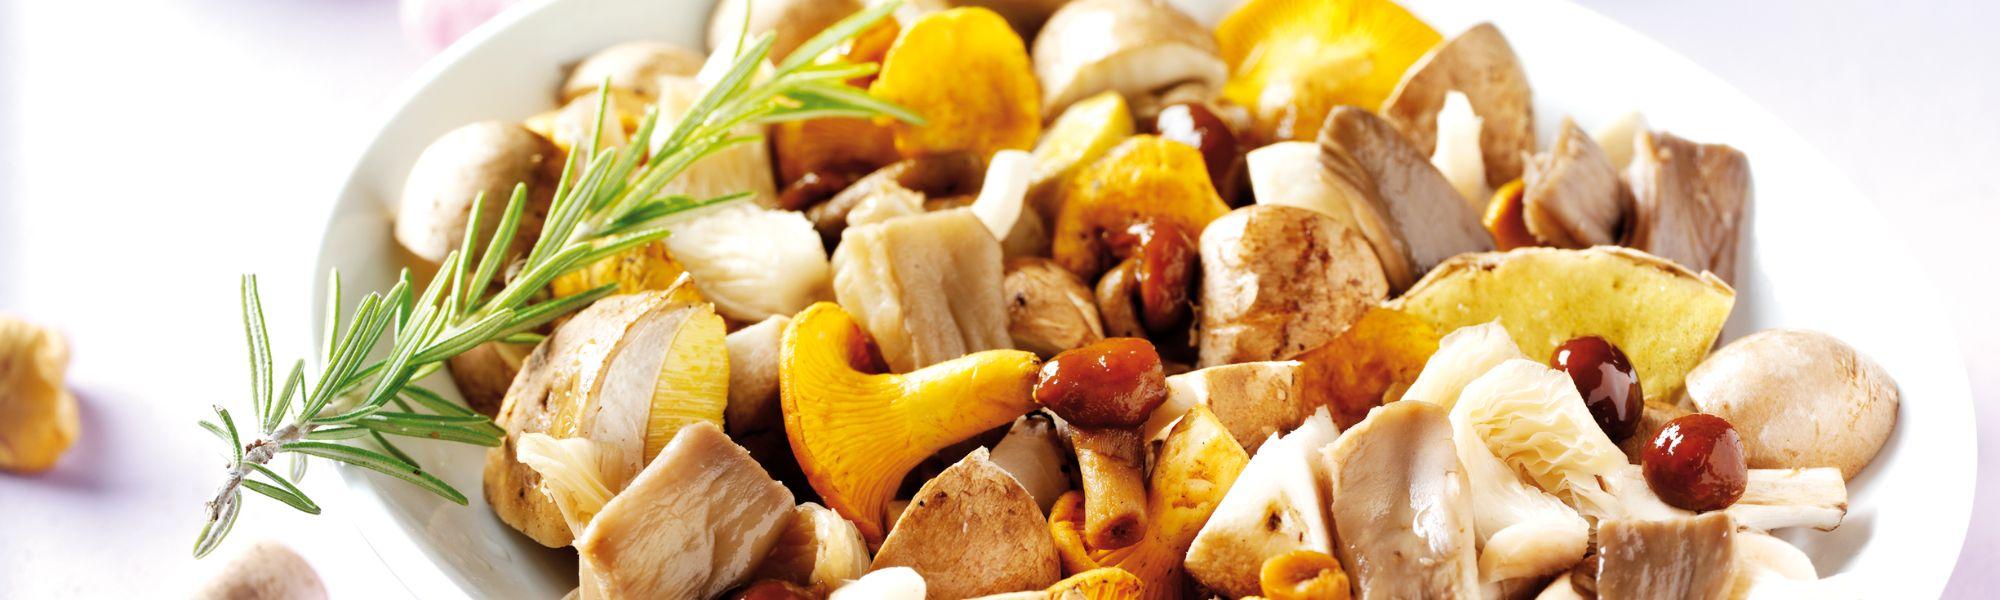 funghi surgelati